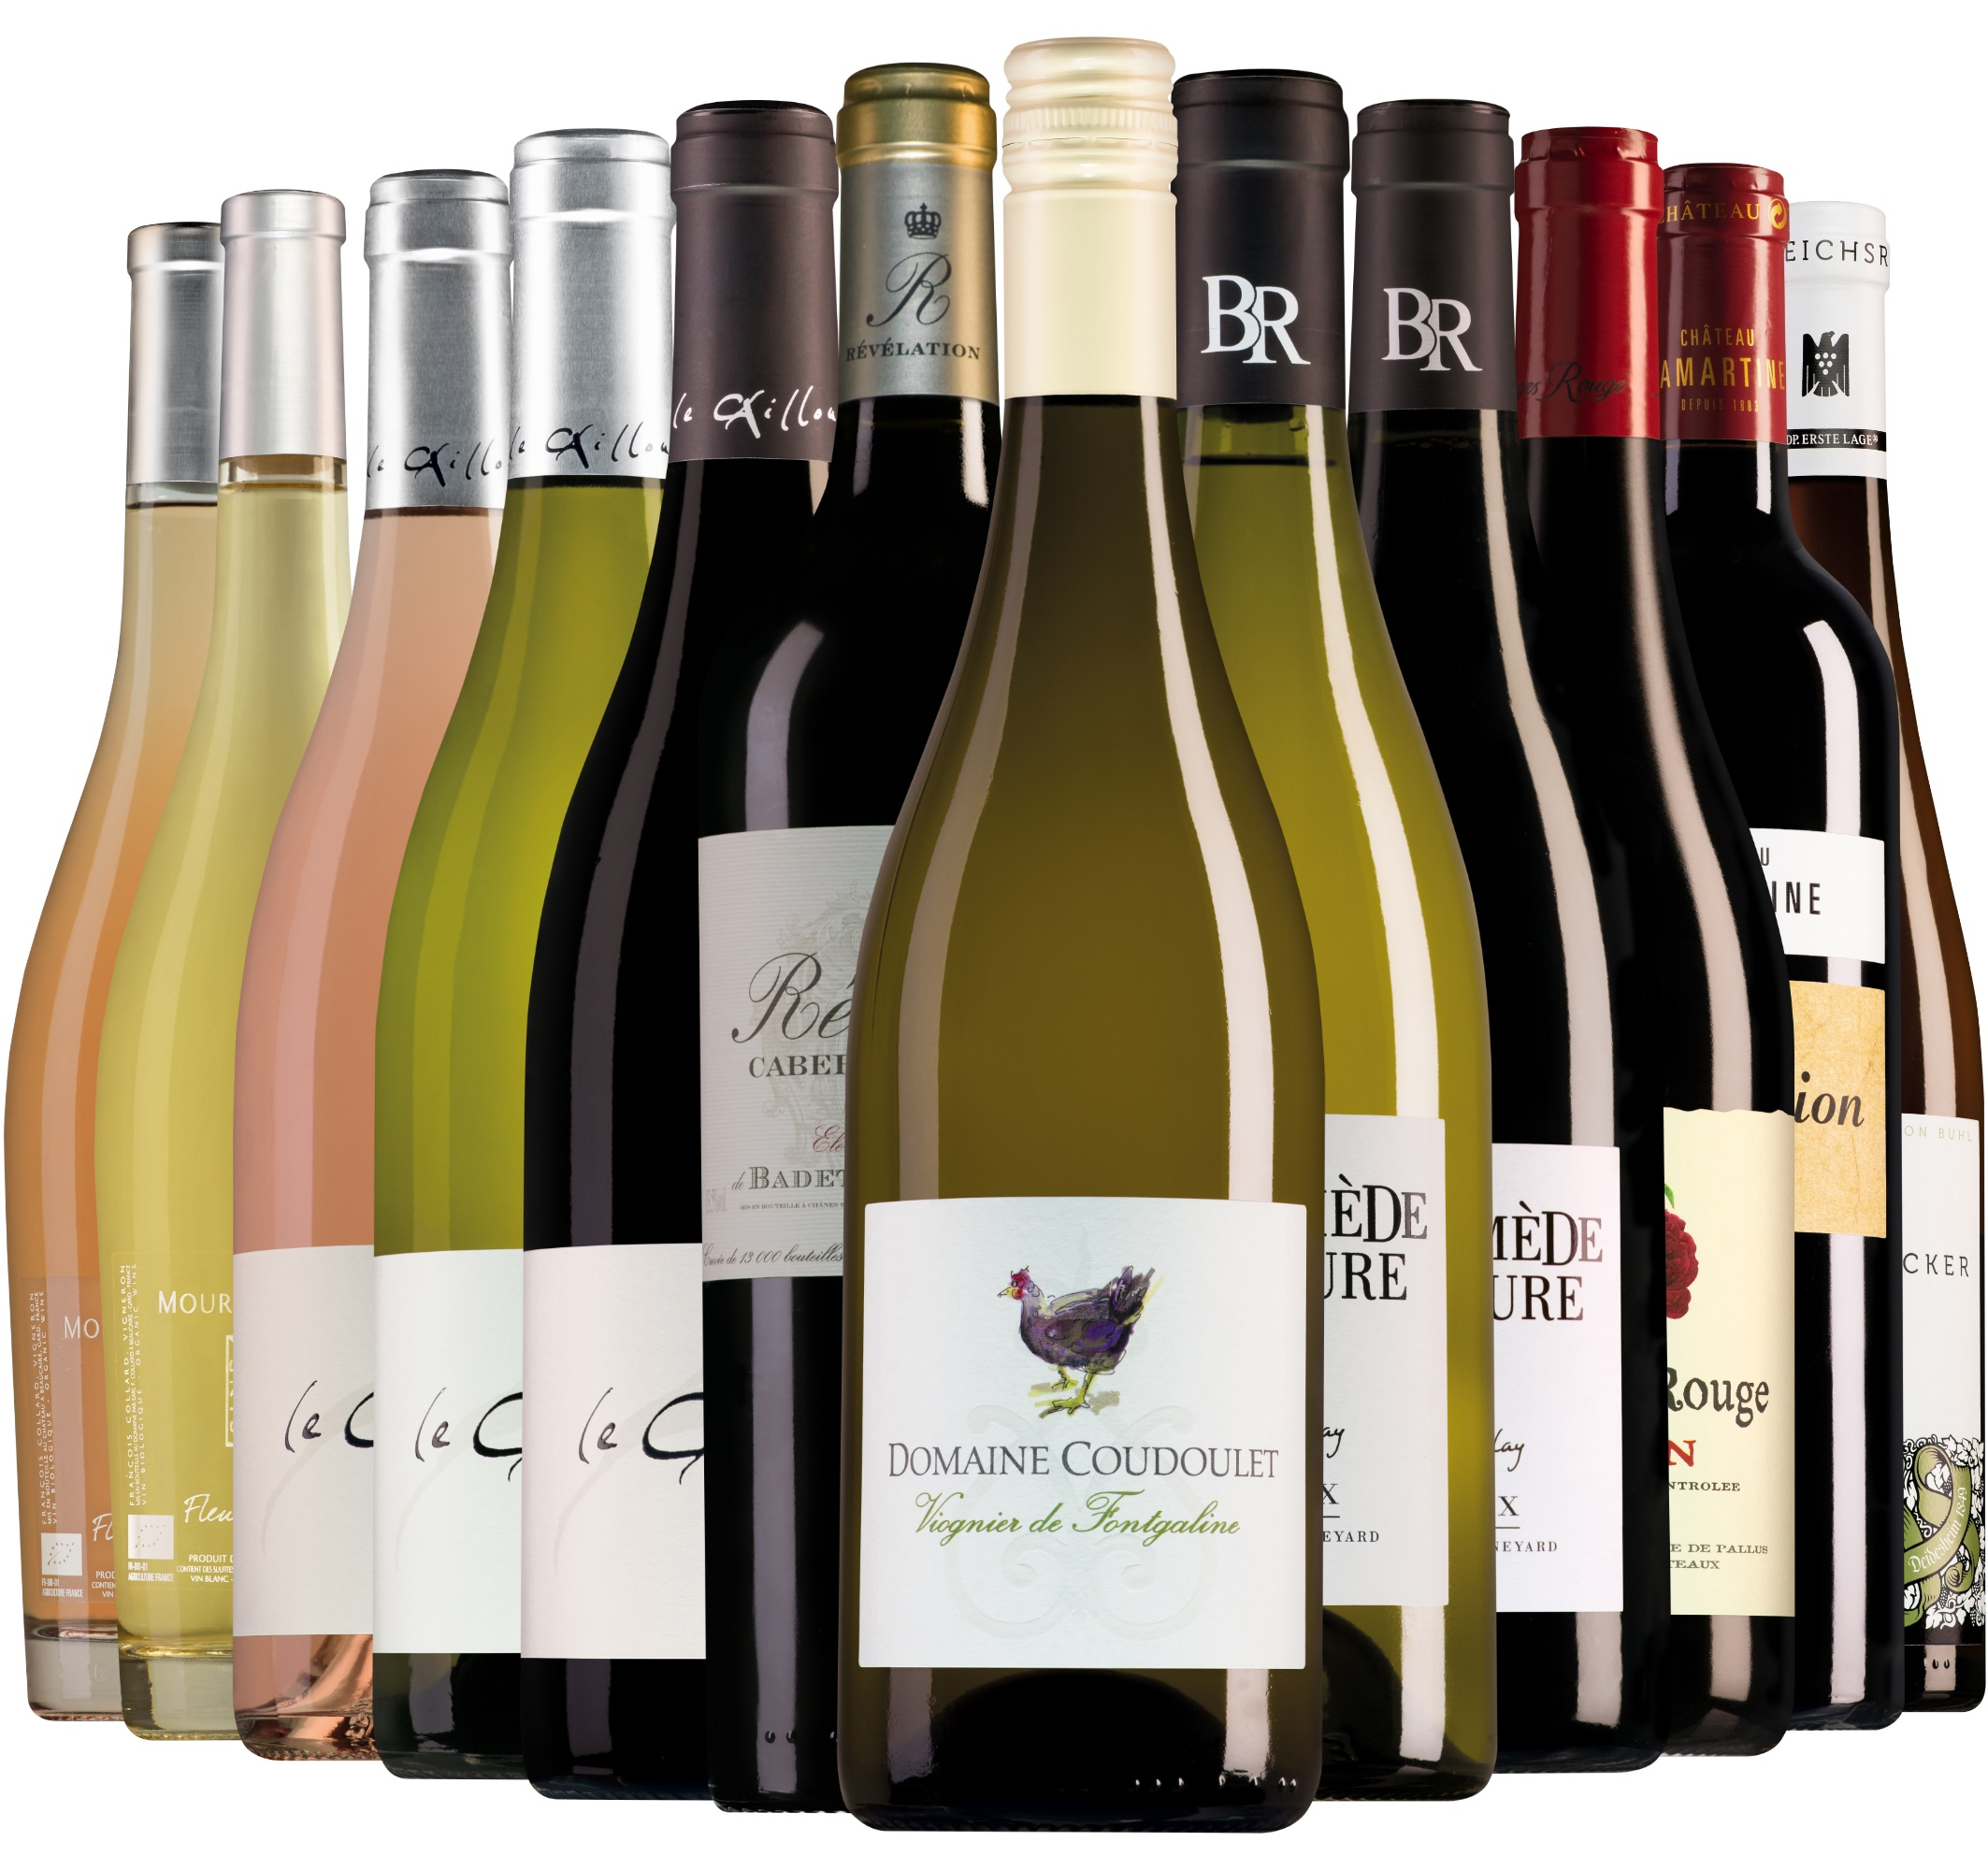 Wijnpakket Wijnbericht mei (12 flessen)